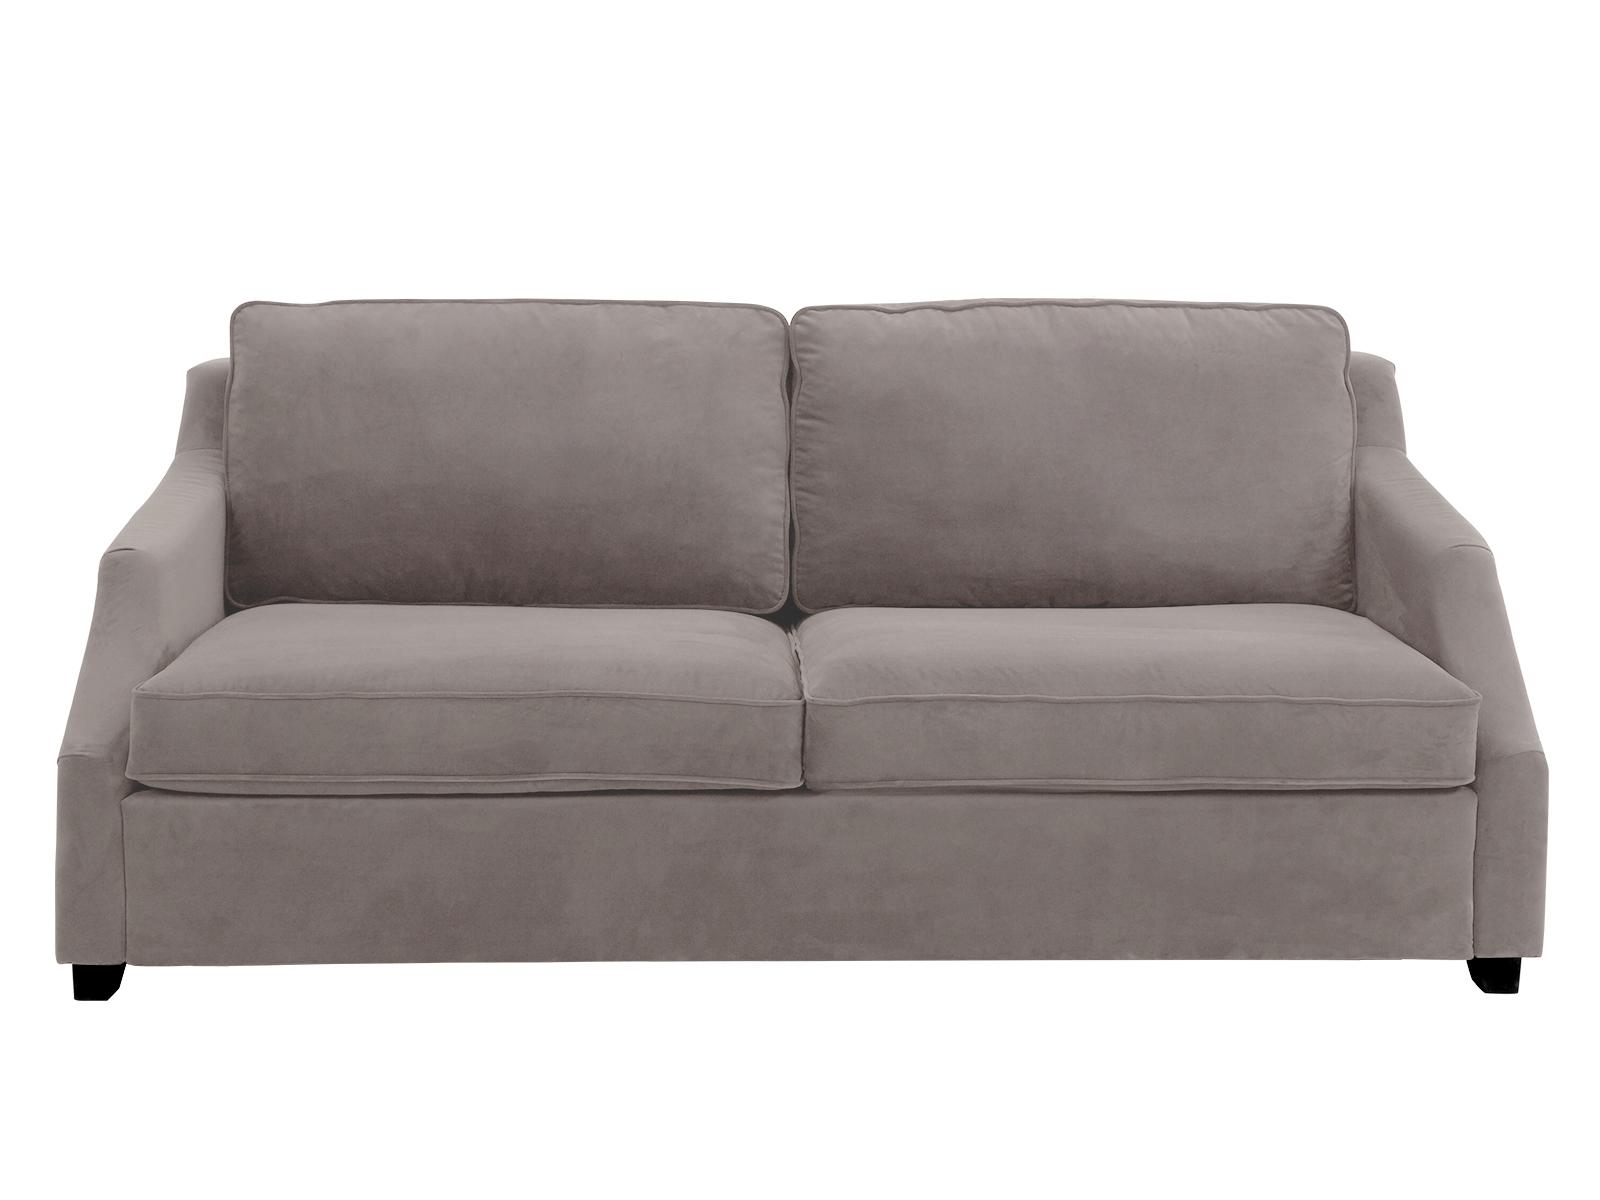 Диван-кровать WindПрямые раскладные диваны<br>&amp;lt;div&amp;gt;&amp;lt;div&amp;gt;Для ценителей практичности и необычных дизайнерских решений создан диван-кровать Wind. Оригинальная форма подлокотников и функциональный подъемный механизм, трансформирующий лаконичный диван в удобную кровать. На нем будет мягко и уютно: как провести приятный вечер за просмотром любимого фильма или чтением книги, так и спать, ведь он комплектуется матрасом толщиной 110 мм.&amp;lt;/div&amp;gt;&amp;lt;div&amp;gt;&amp;lt;br&amp;gt;&amp;lt;/div&amp;gt;&amp;lt;div&amp;gt;Размер спального места 190х152см.&amp;lt;/div&amp;gt;&amp;lt;/div&amp;gt;<br><br>Material: Текстиль<br>Width см: 215<br>Depth см: 102<br>Height см: 90